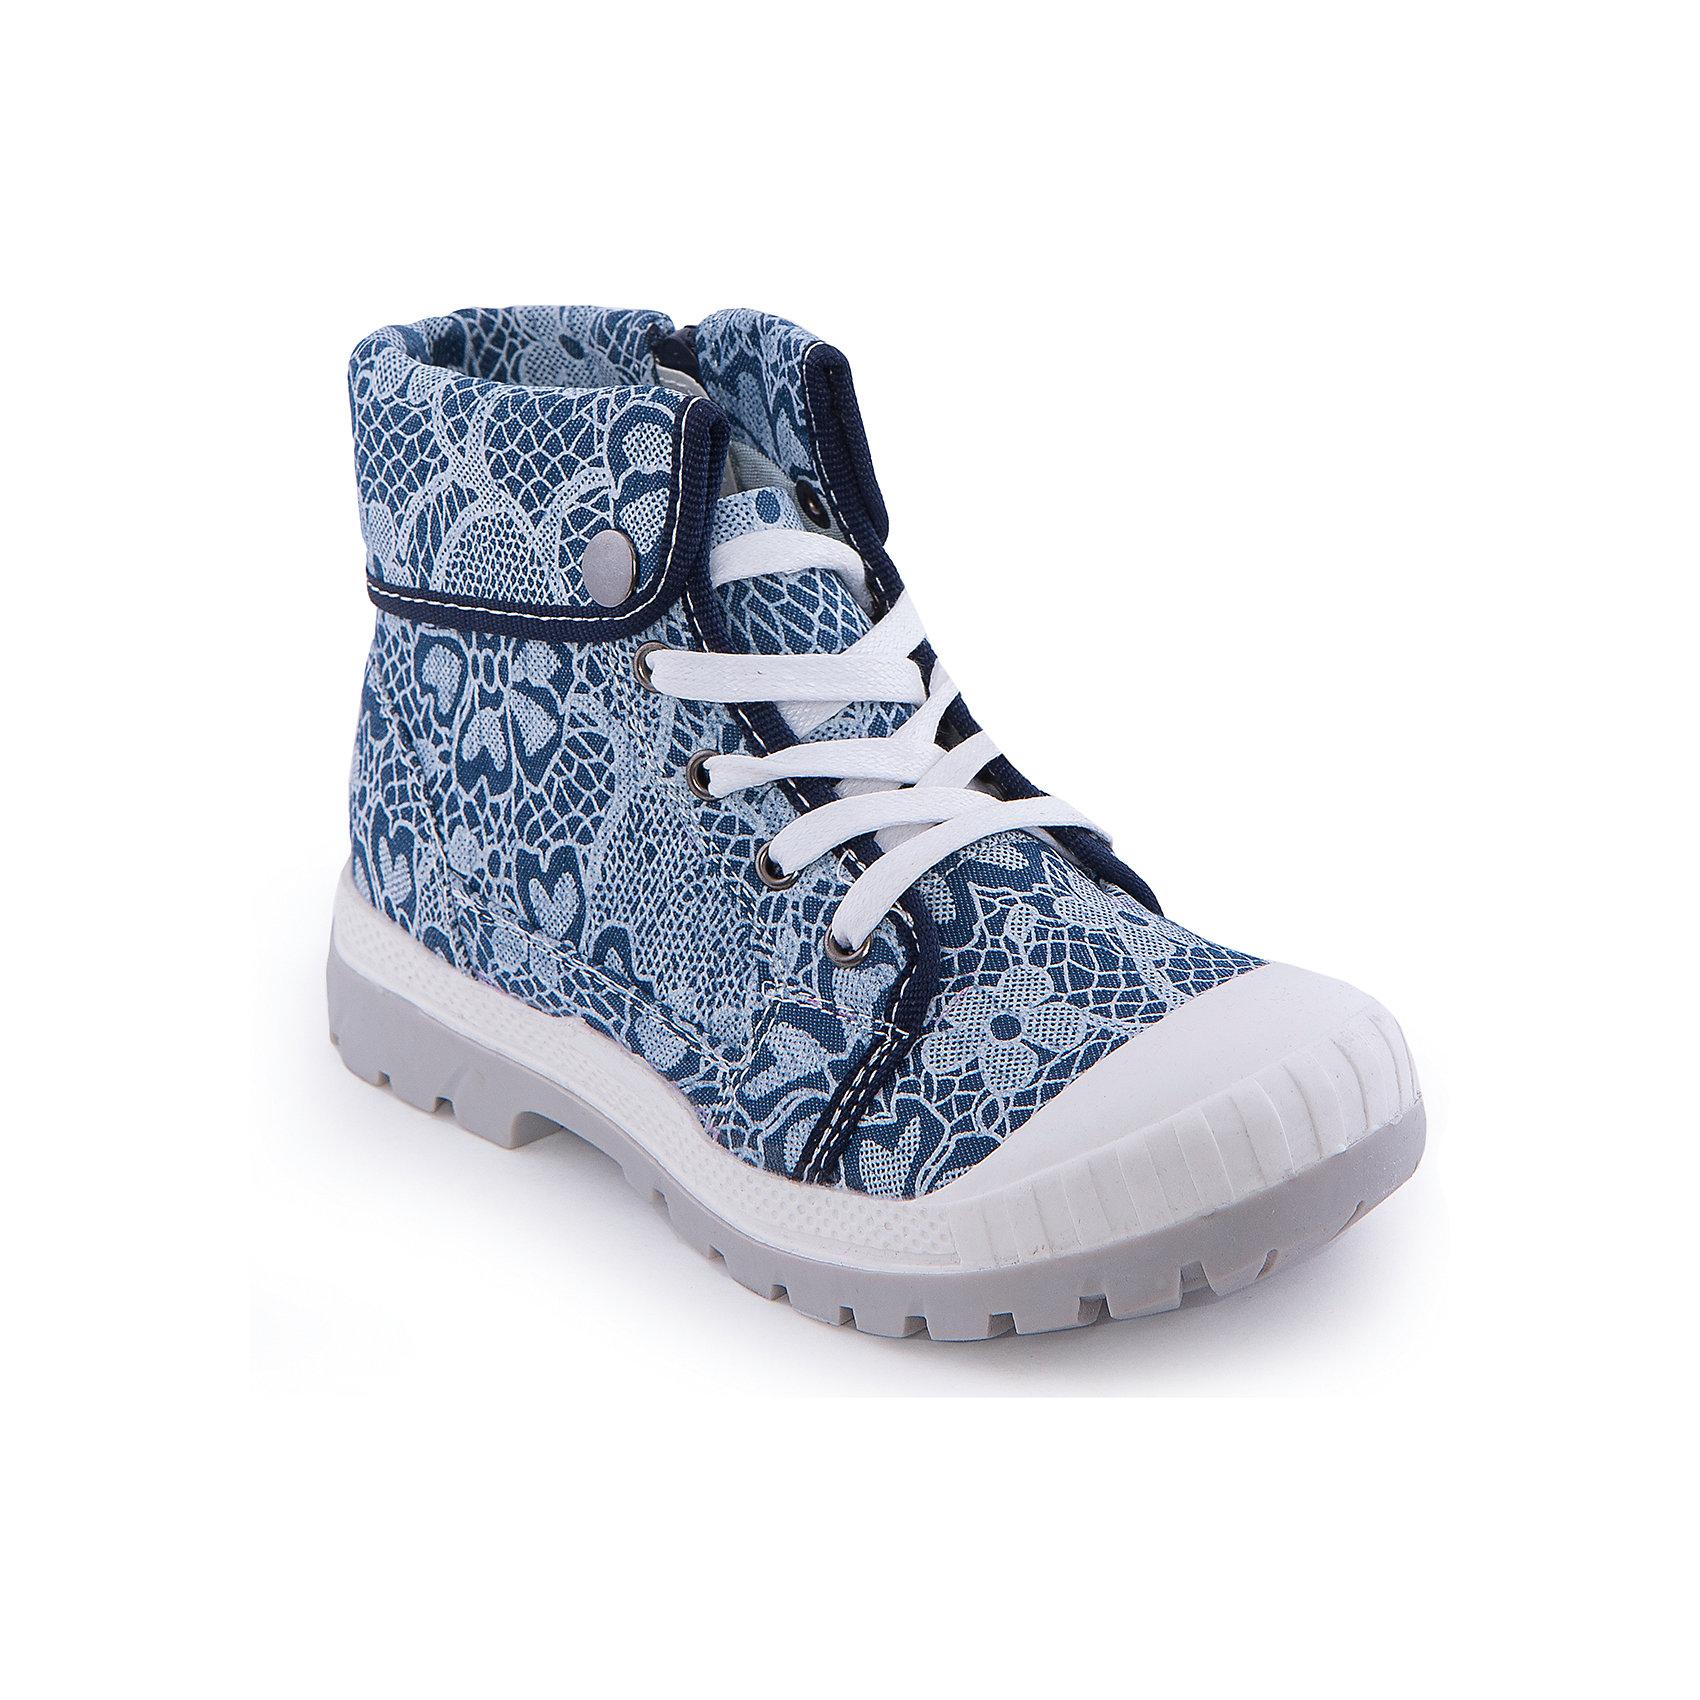 Ботинки для девочки Indigo kidsБотинки для девочки от известного бренда Indigo kids <br> <br>Оригинальные ботинки с завышенным голенищем созданы для прохладной погоды. Они очень стильно смотрятся куртками и плащами. Ботинки легко надеваются, комфортно садятся по ноге, дают коже дышать. <br> <br>Особенности модели: <br> <br>- цвет: синий; <br>- стильный дизайн; <br>- удобная колодка; <br>- каблук: небольшой; <br>- защита пальцев; <br>- декорированы принтом, контрастной окантовкой; <br>- устойчивая нескользящая подошва; <br>- застежка: шнуровка и молния. <br> <br>Дополнительная информация: <br> <br>Состав: <br> <br>верх – текстиль; <br>подкладка - текстиль; <br>подошва - ТЭП. <br> <br>Температурный режим: <br>от +5°С до +20°С <br> <br>Ботинки для девочки Indigo kids (Индиго Кидс) можно купить в нашем магазине.<br><br>Ширина мм: 262<br>Глубина мм: 176<br>Высота мм: 97<br>Вес г: 427<br>Цвет: синий<br>Возраст от месяцев: 132<br>Возраст до месяцев: 144<br>Пол: Женский<br>Возраст: Детский<br>Размер: 35,33,34,32,36,37<br>SKU: 4547859